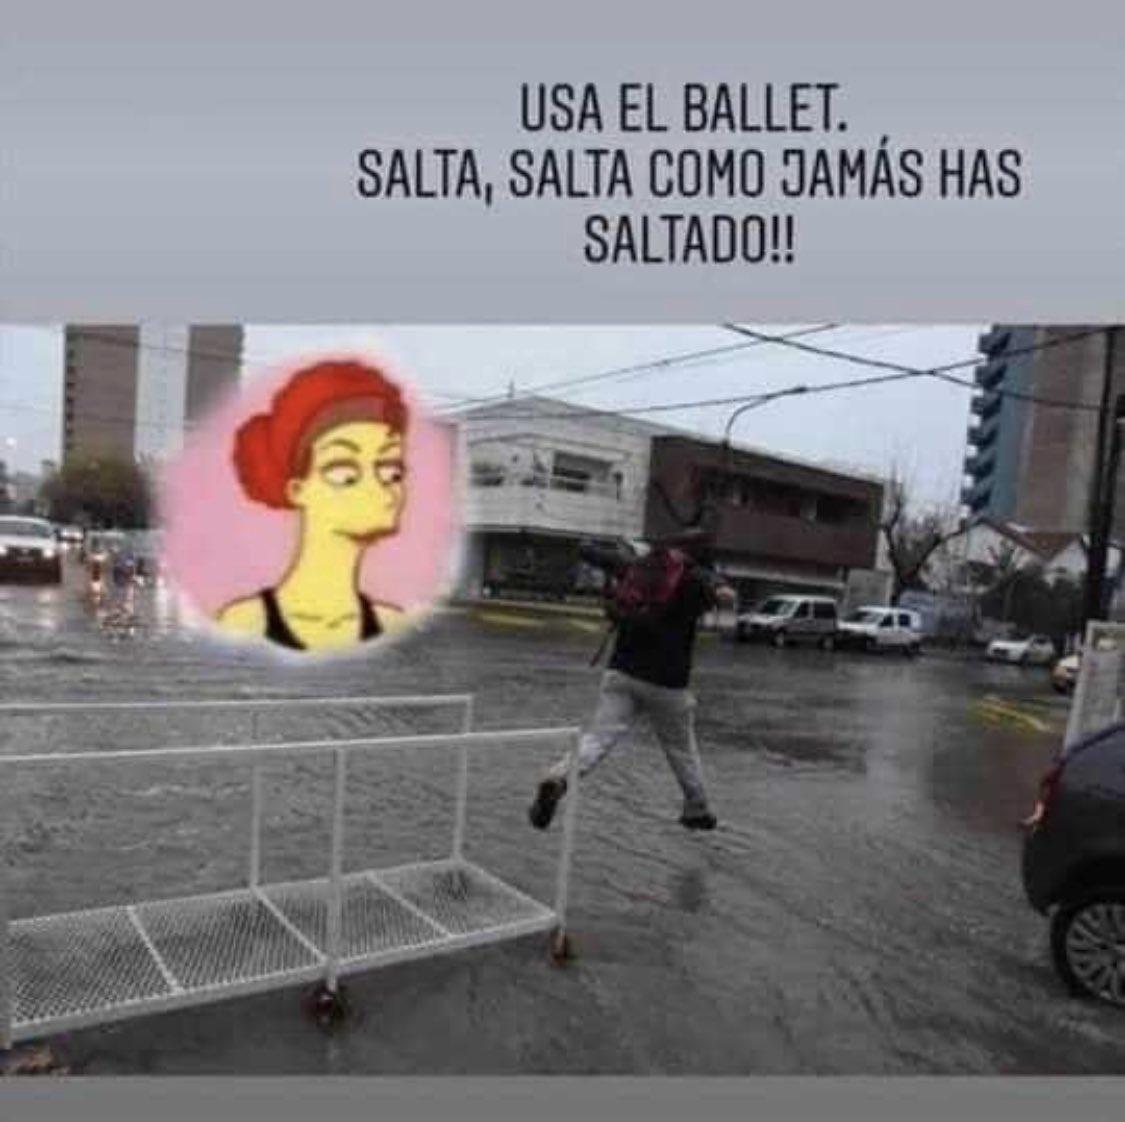 Yo ahorita que se inunde #Culiacán TODOS LOS DÍAS pic.twitter.com/86rwNYeMOV